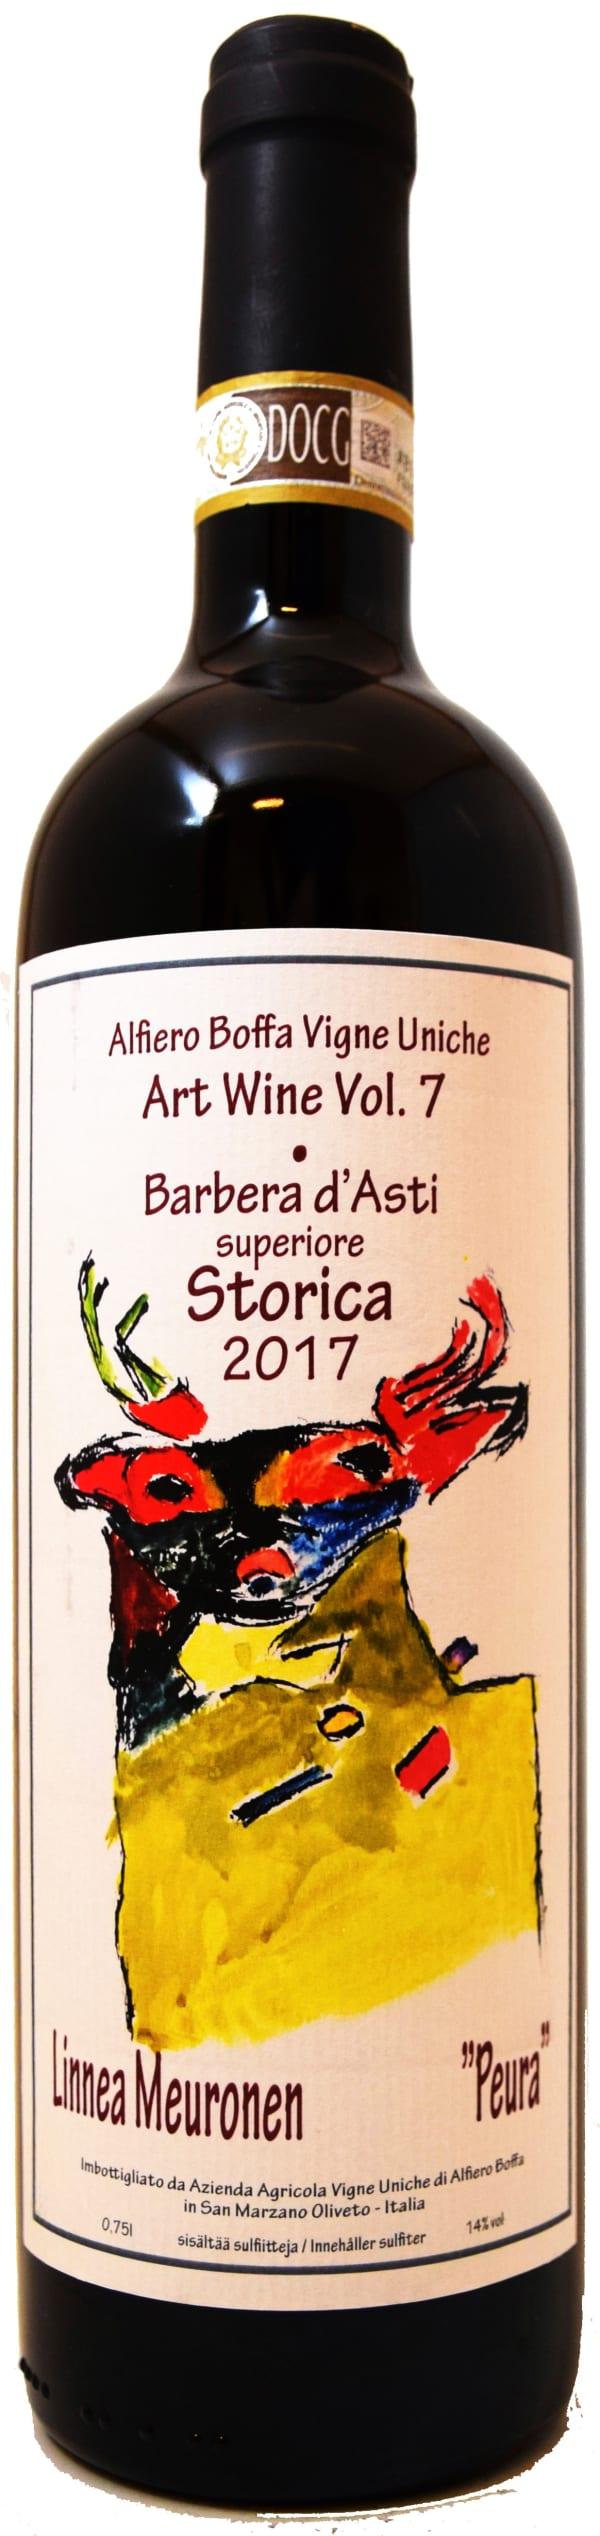 Storica Barbera d'Asti Art Wine Vol. 7 2018